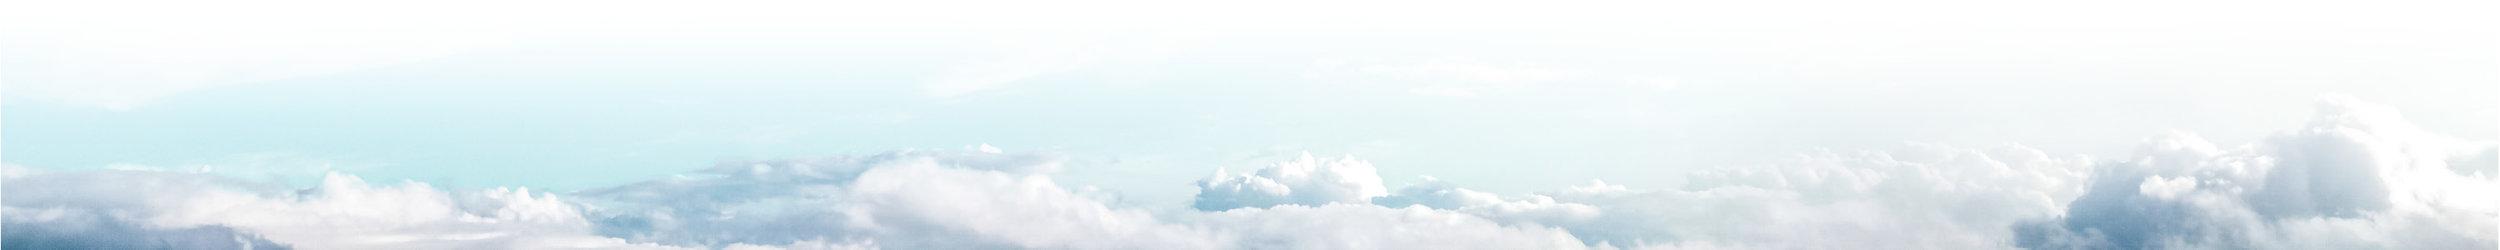 footer clouds sm*.jpg